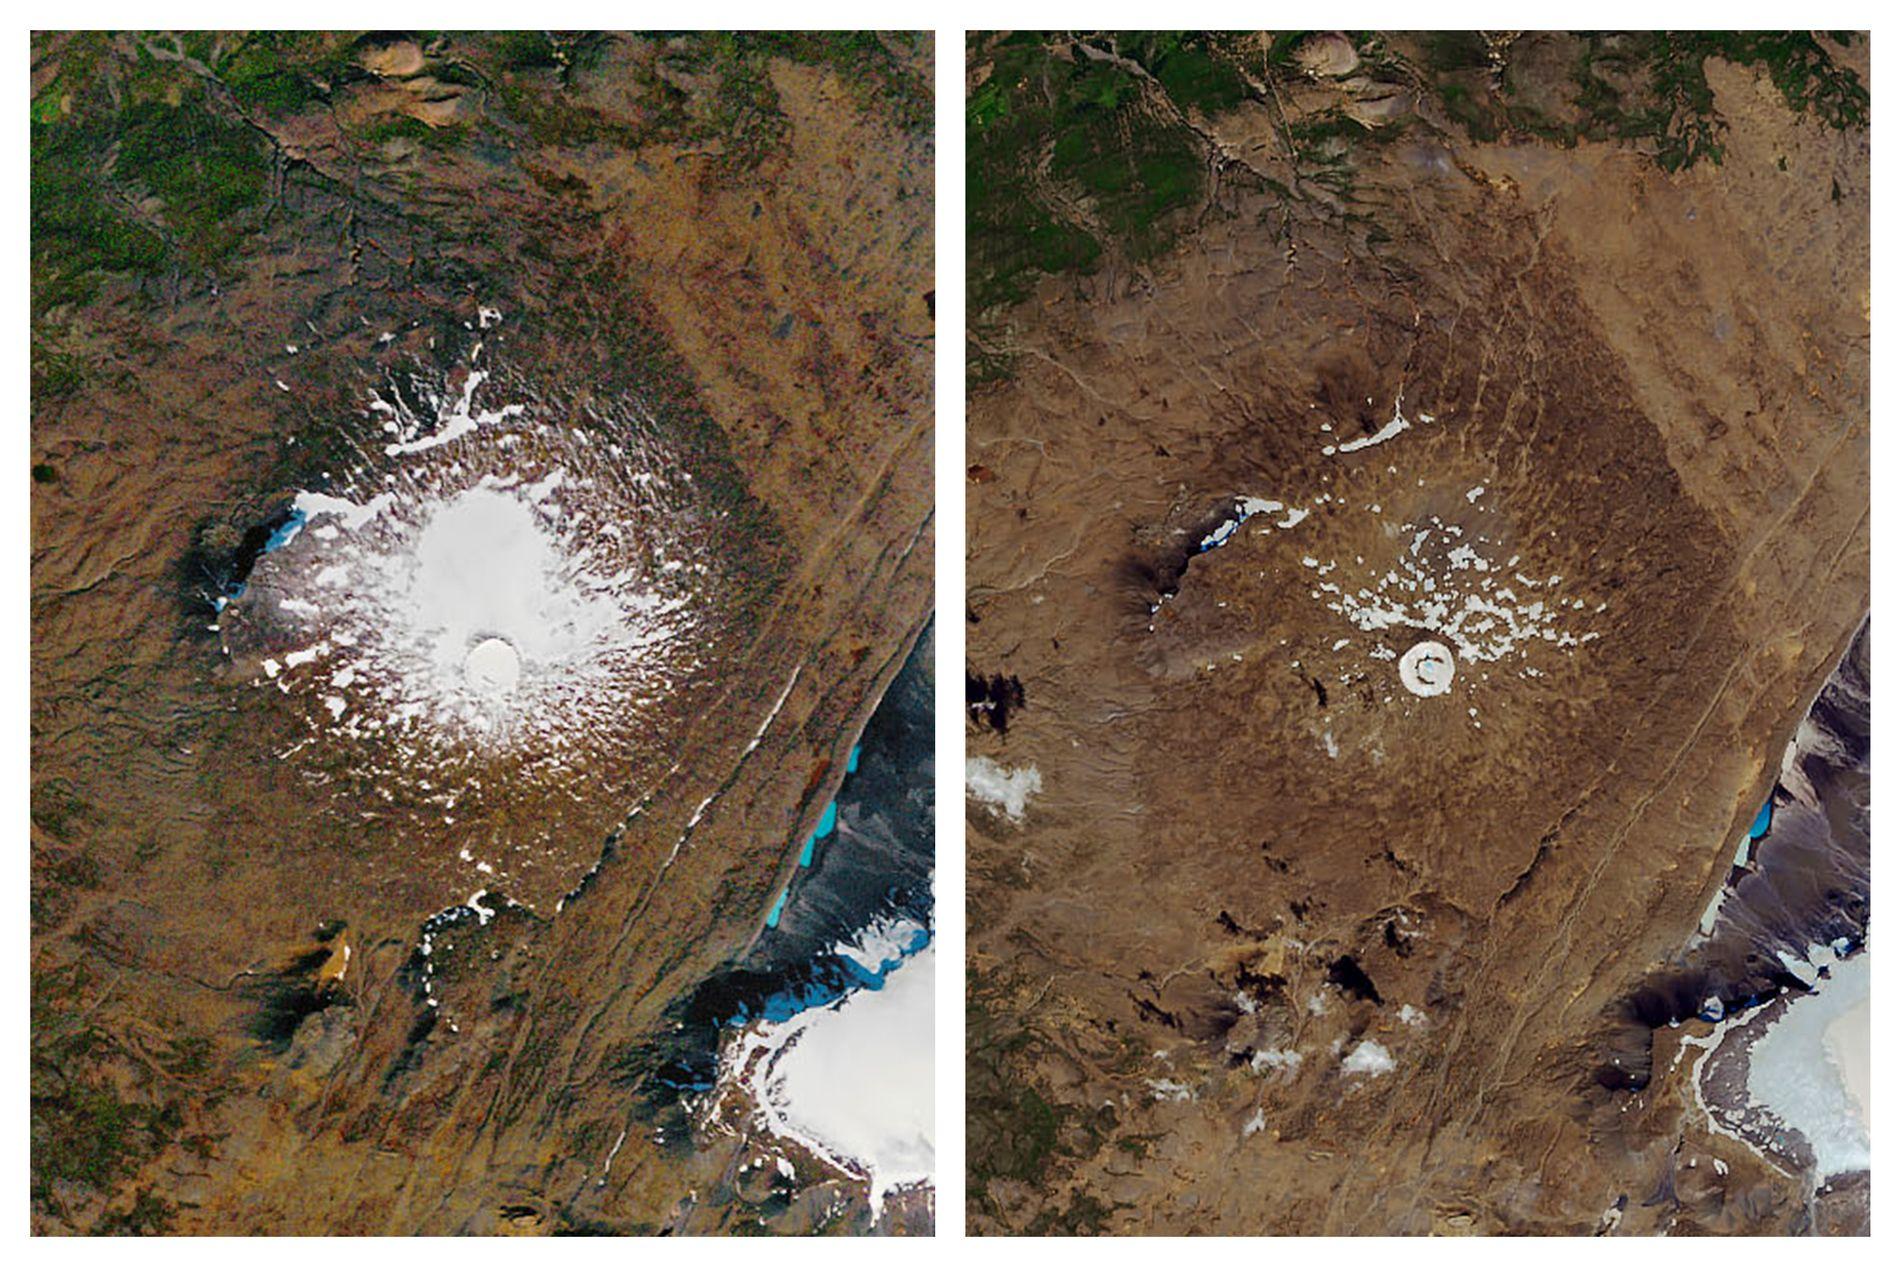 SMELTET: Bildene er fra henholdsvis 1986 og 2019, og viser forskjellen på området som tidligere utgjorde Okjökull på Island.